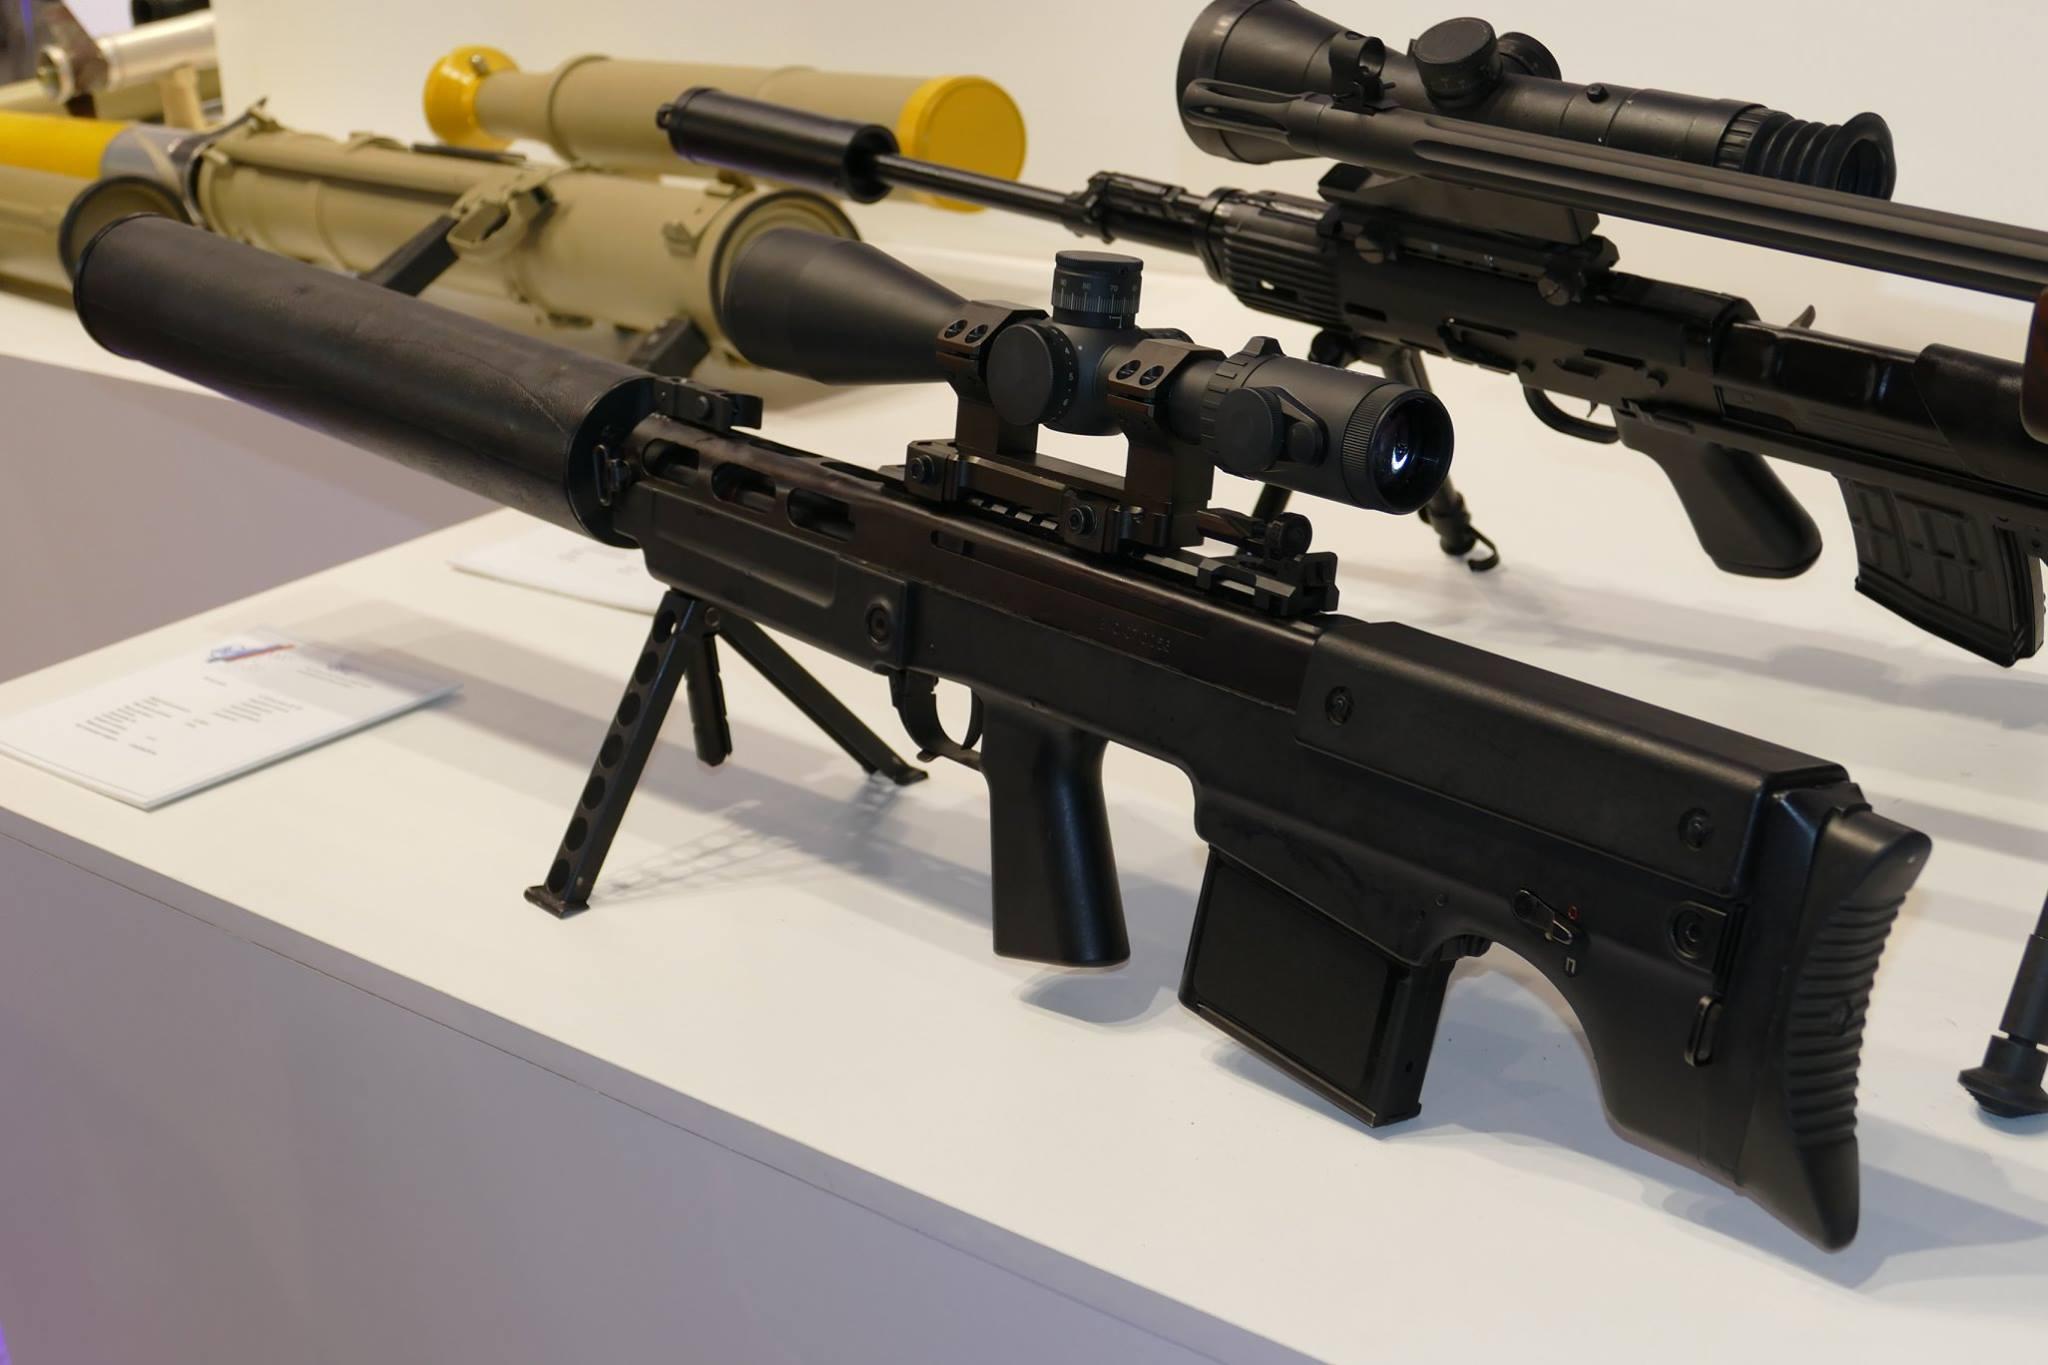 Выхлоп снайперская винтовка картинки